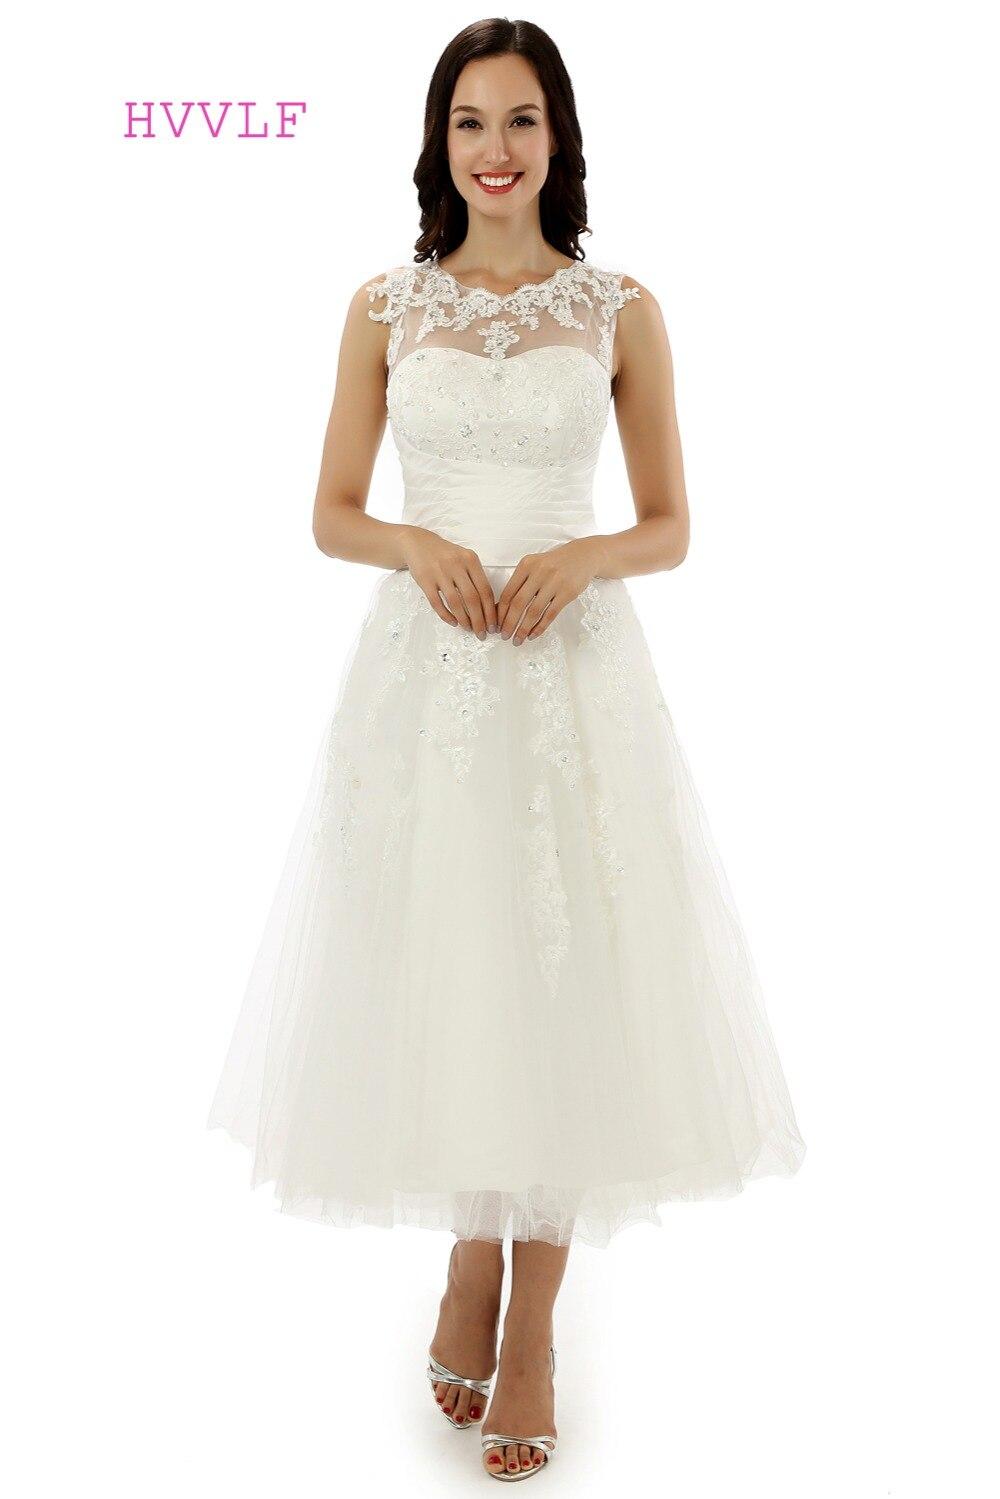 Vestido De Noiva 2019 Short Wedding Dresses A-line Tea Length Appliques Lace Backless Vintage Wedding Gown Bridal Dresses